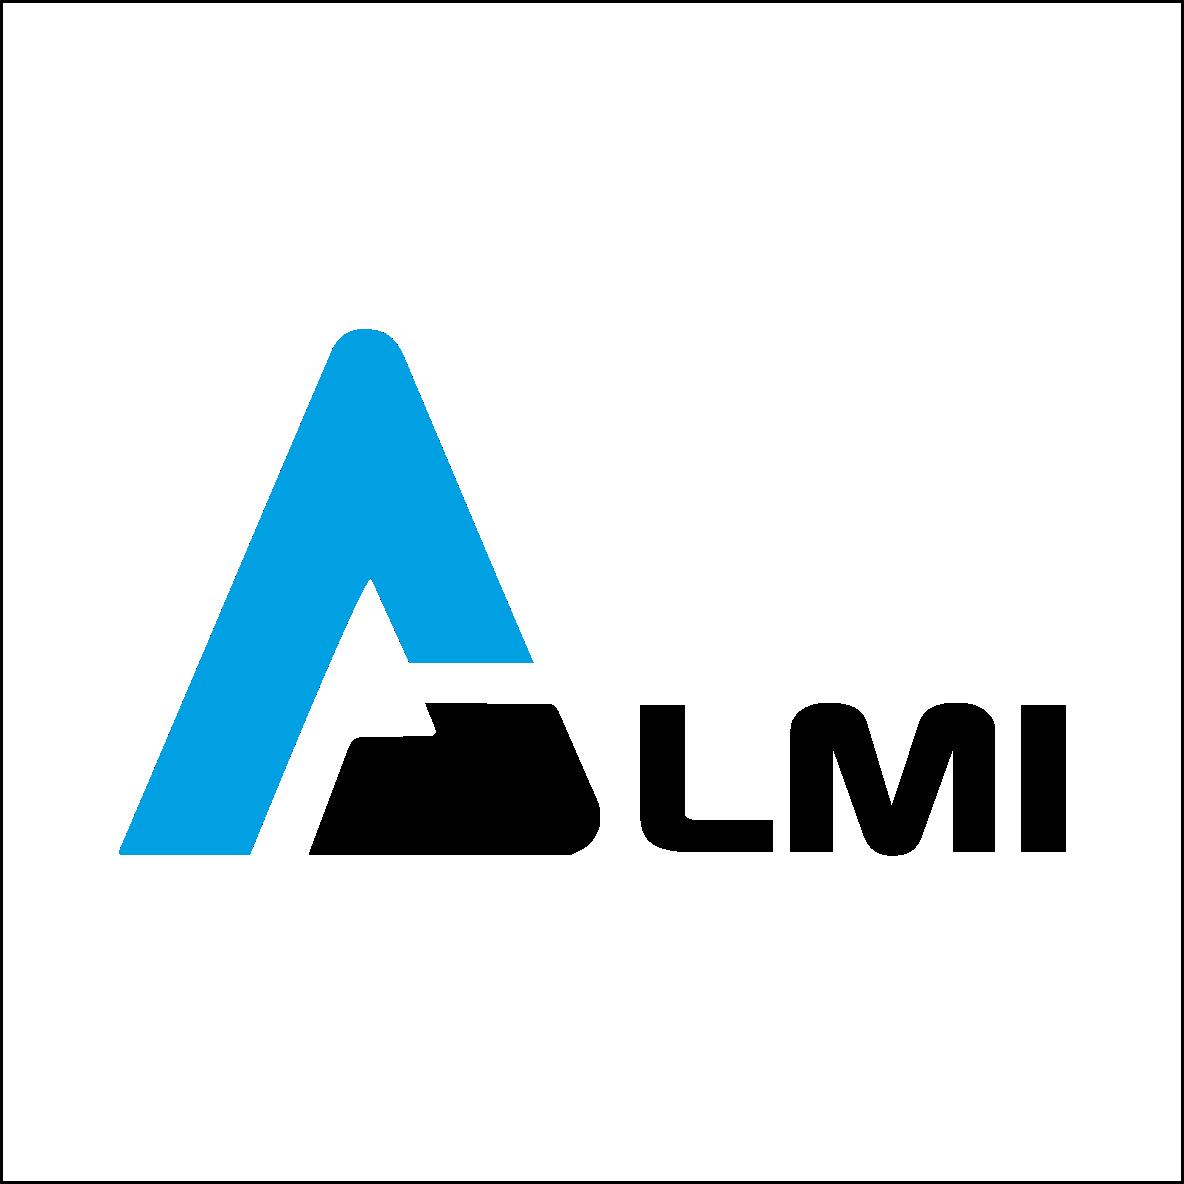 Разработка логотипа и фона фото f_295598aceba8380d.png